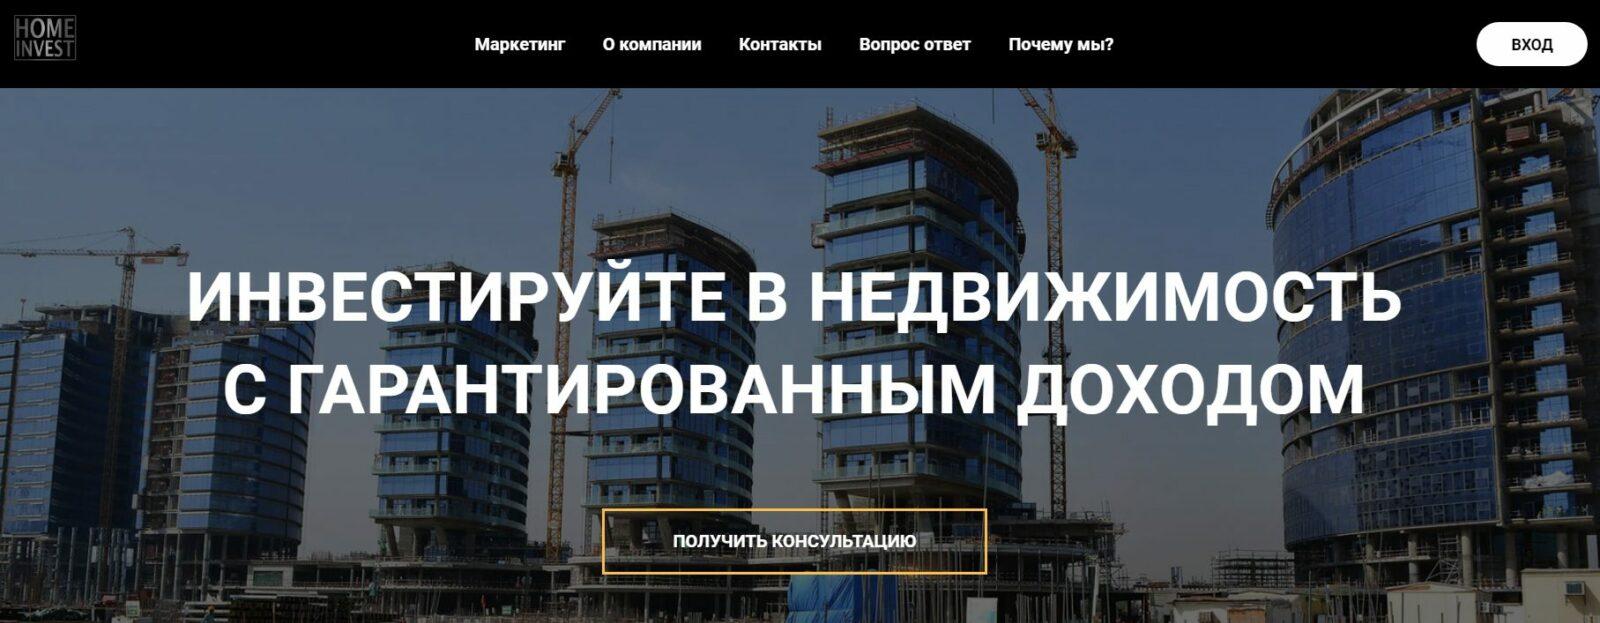 Проект Home Invest